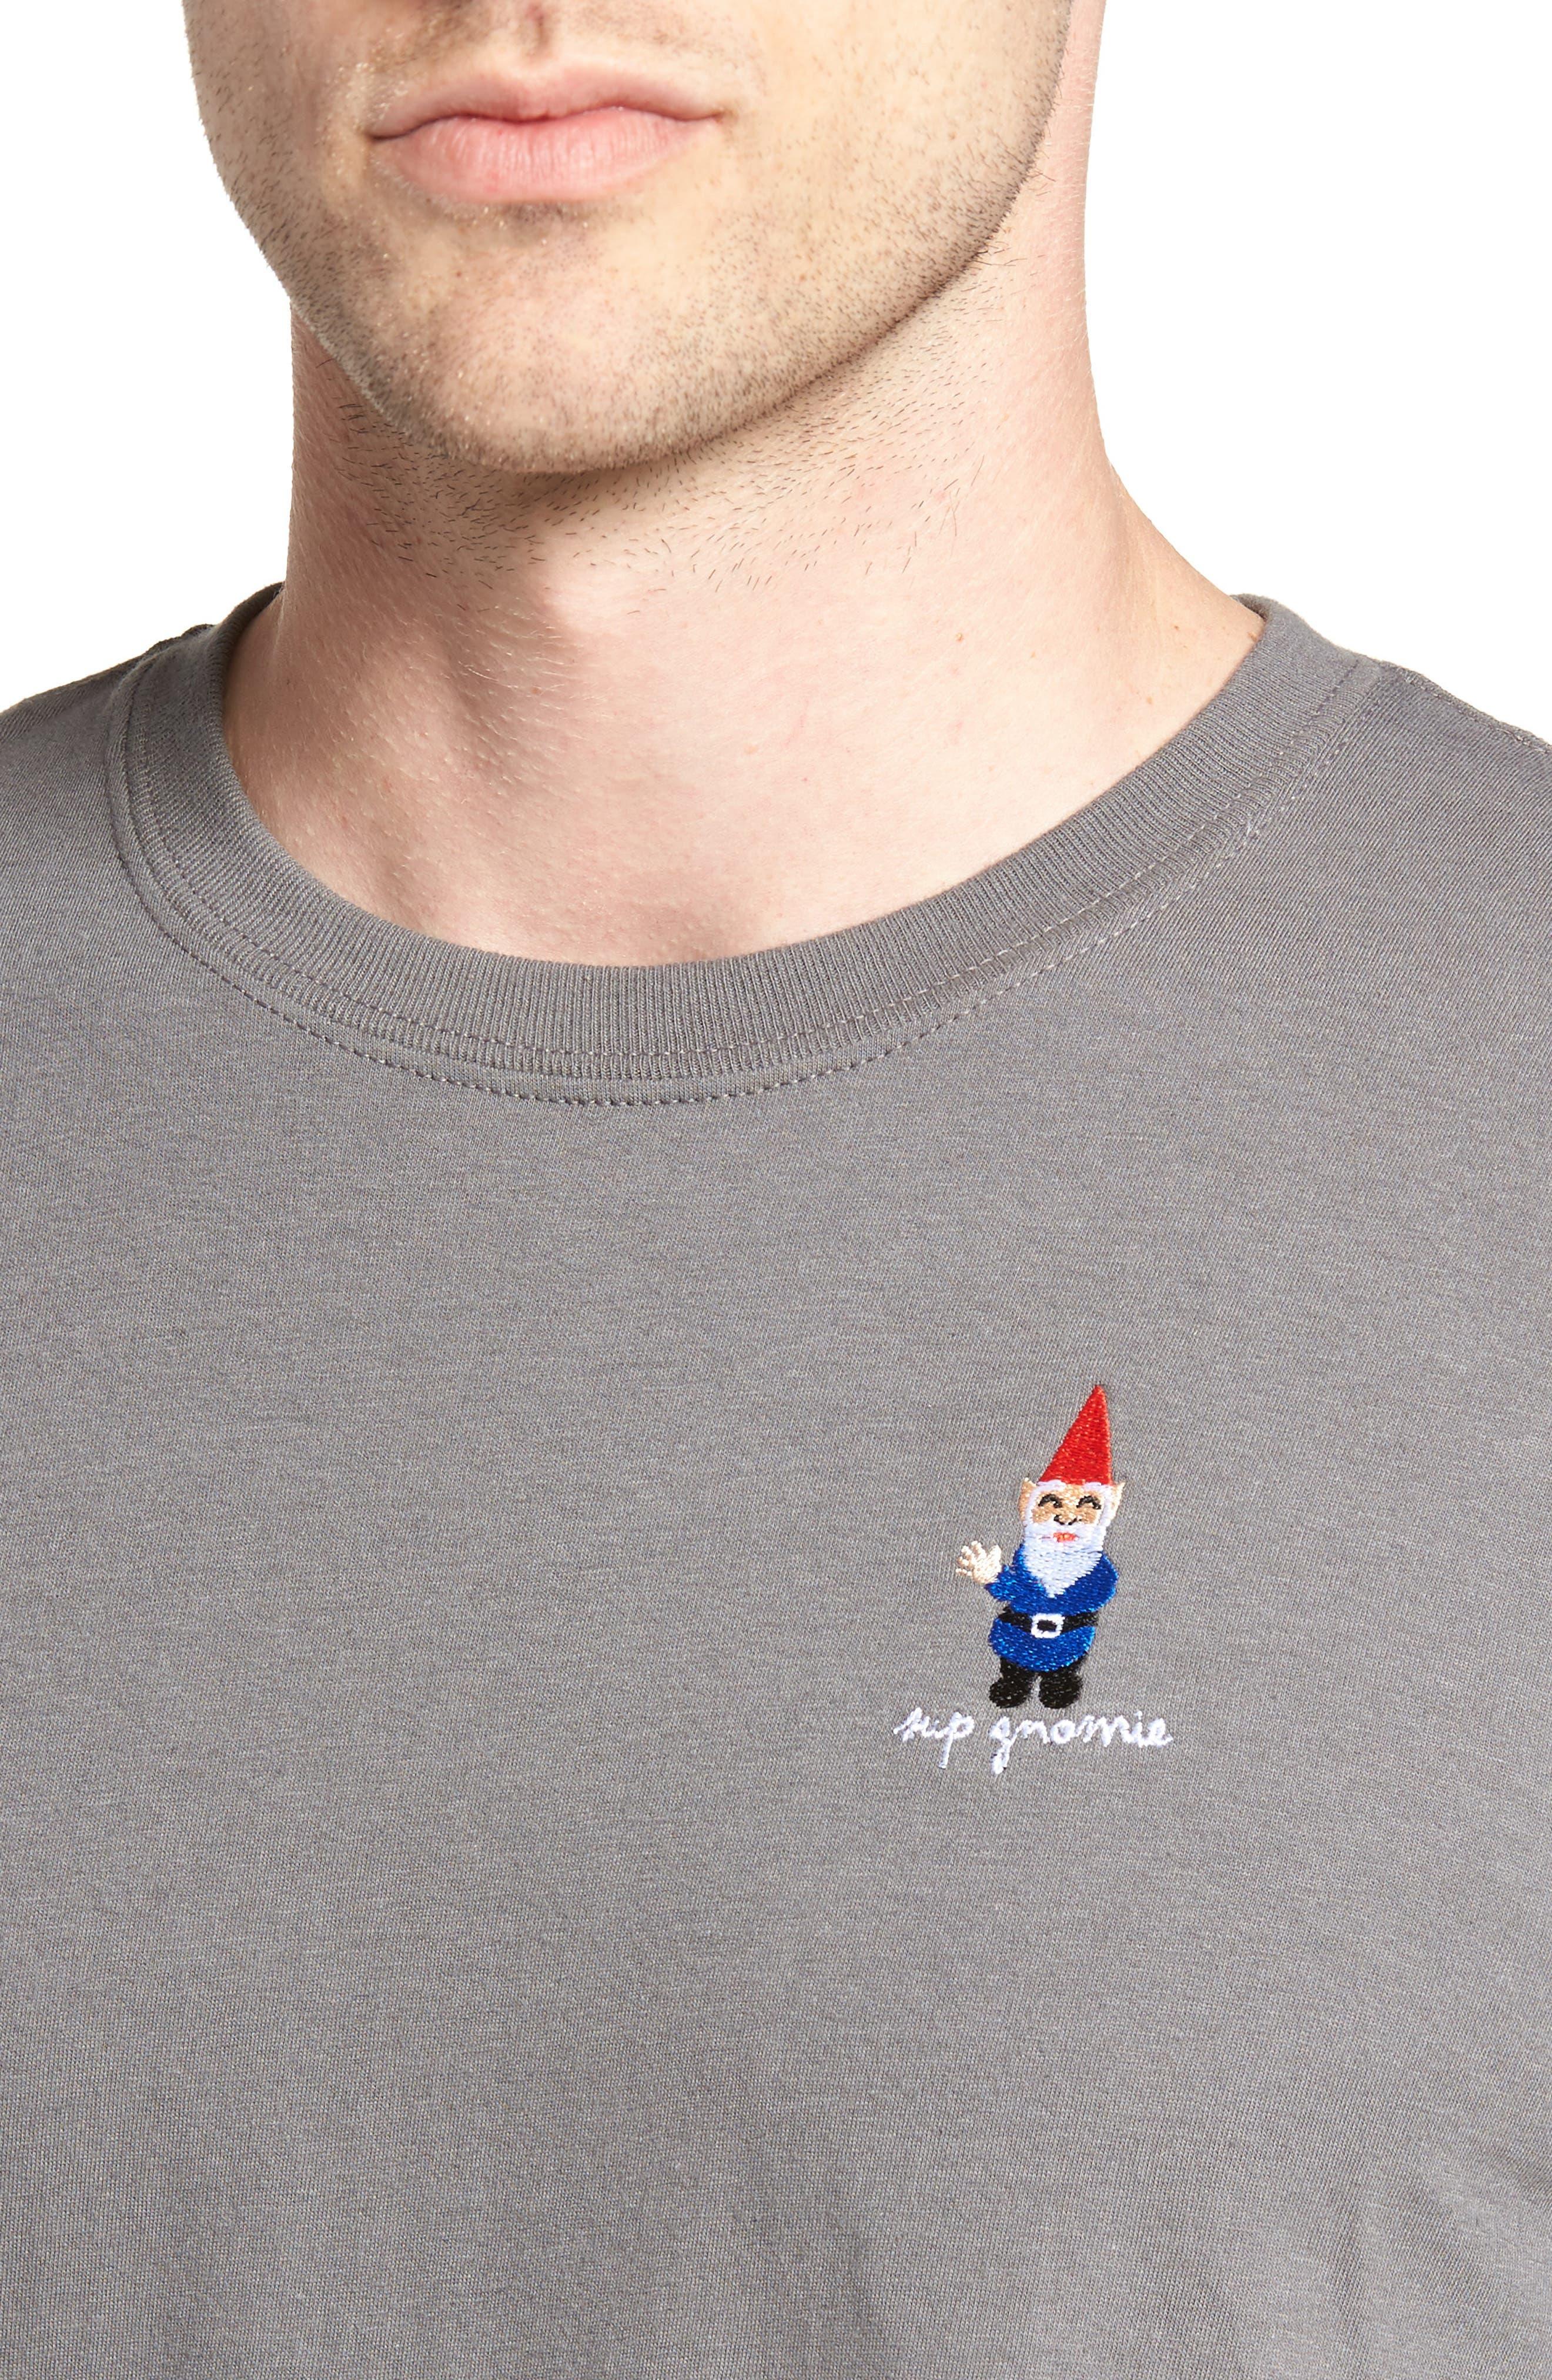 Gnome T-Shirt,                             Alternate thumbnail 4, color,                             021